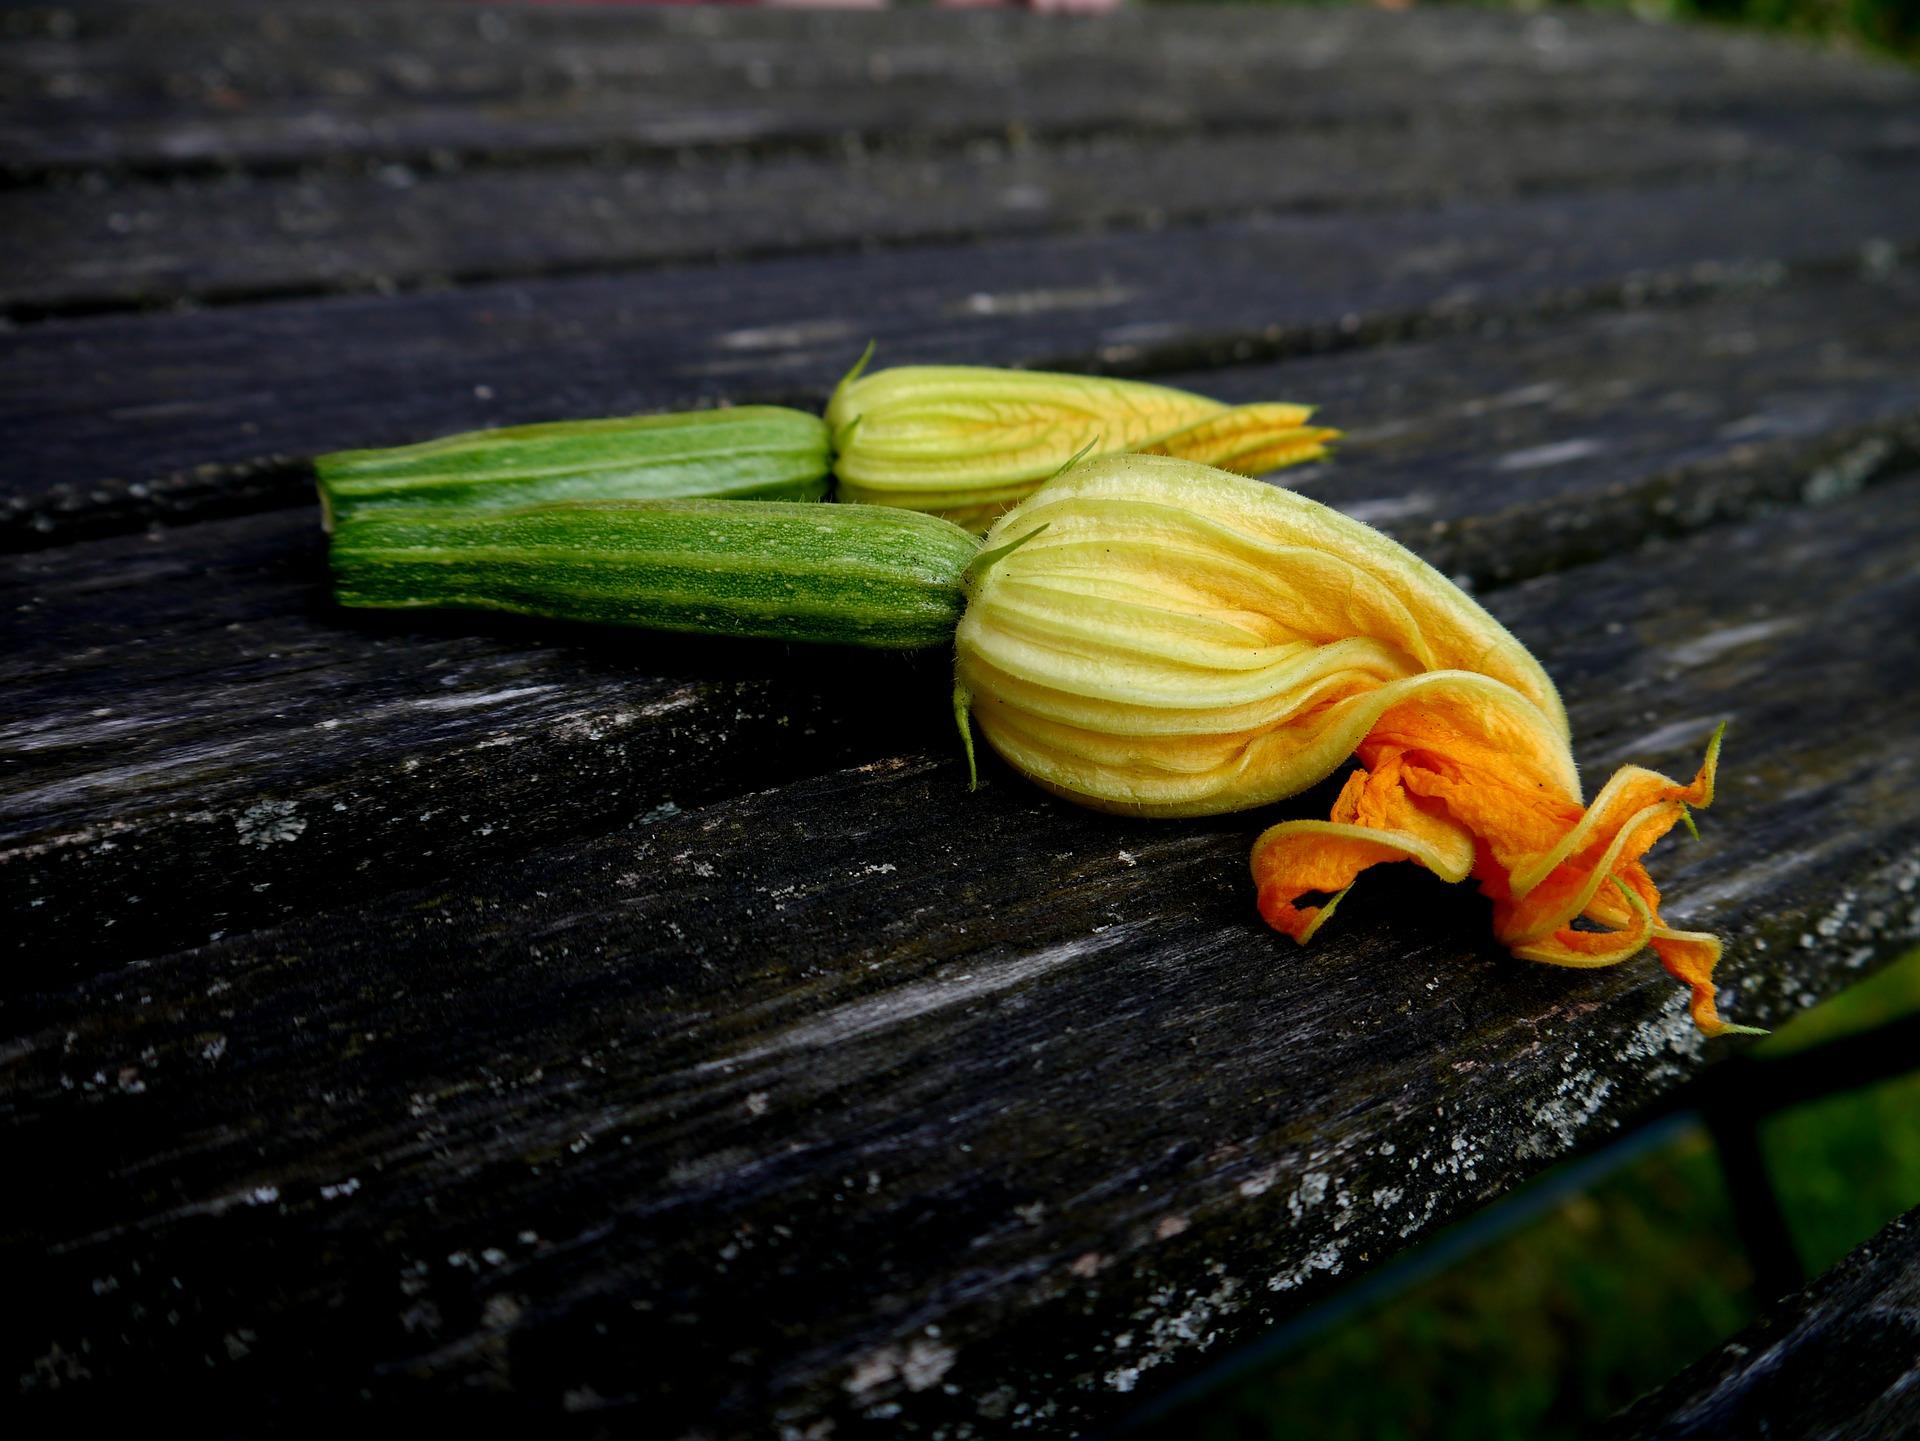 zucchini-395082_1920.jpg